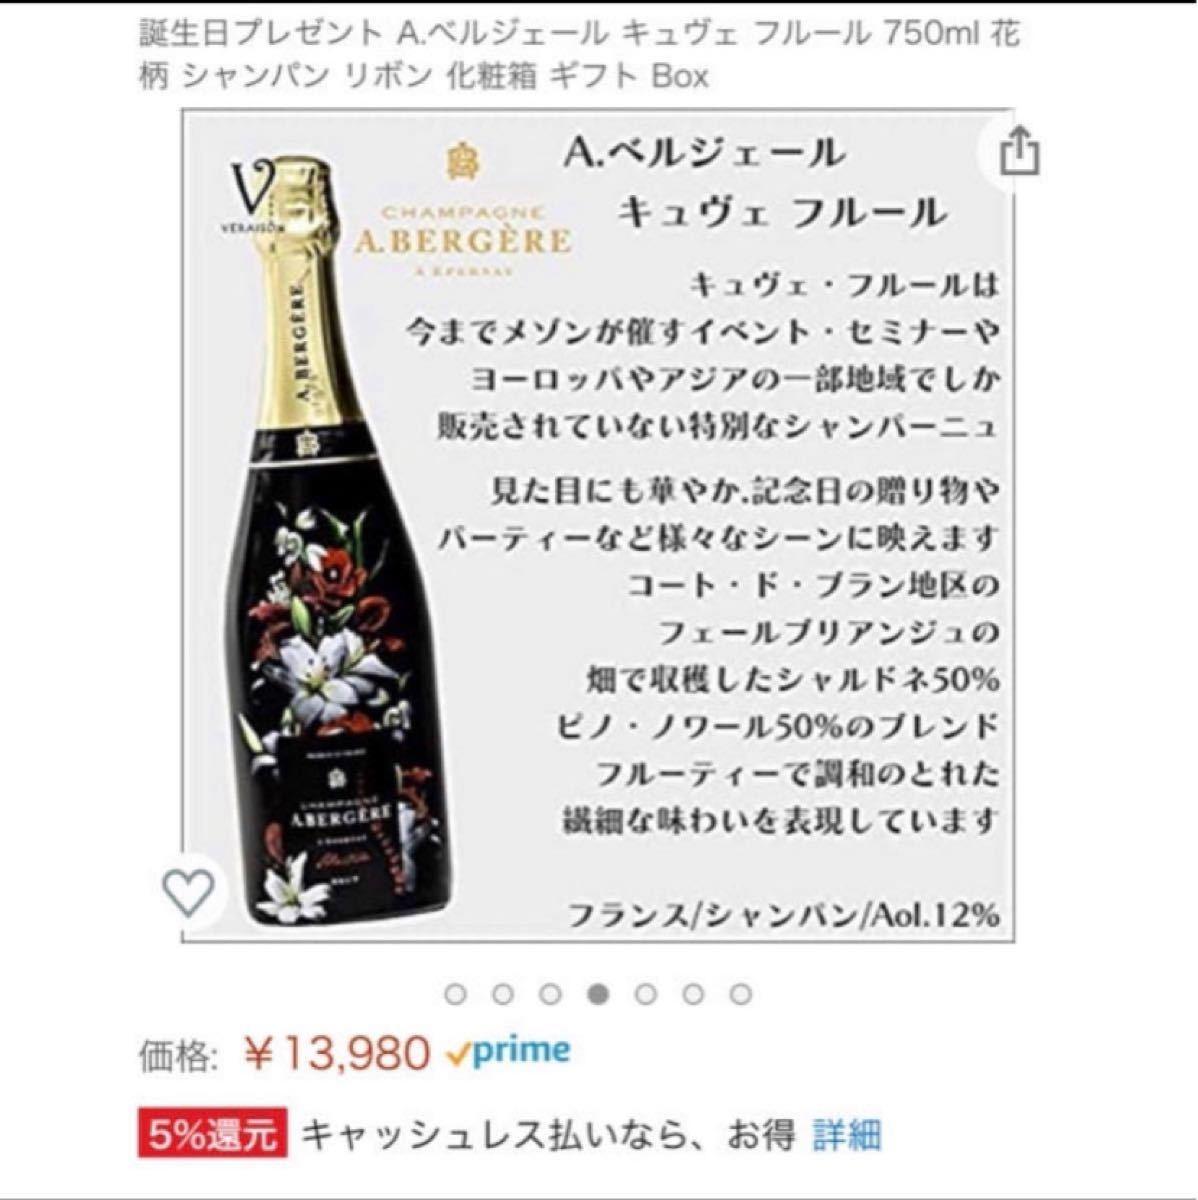 高級シャンパン!A.ベルジェール キュヴェフルール  シャンパン ドンペリ